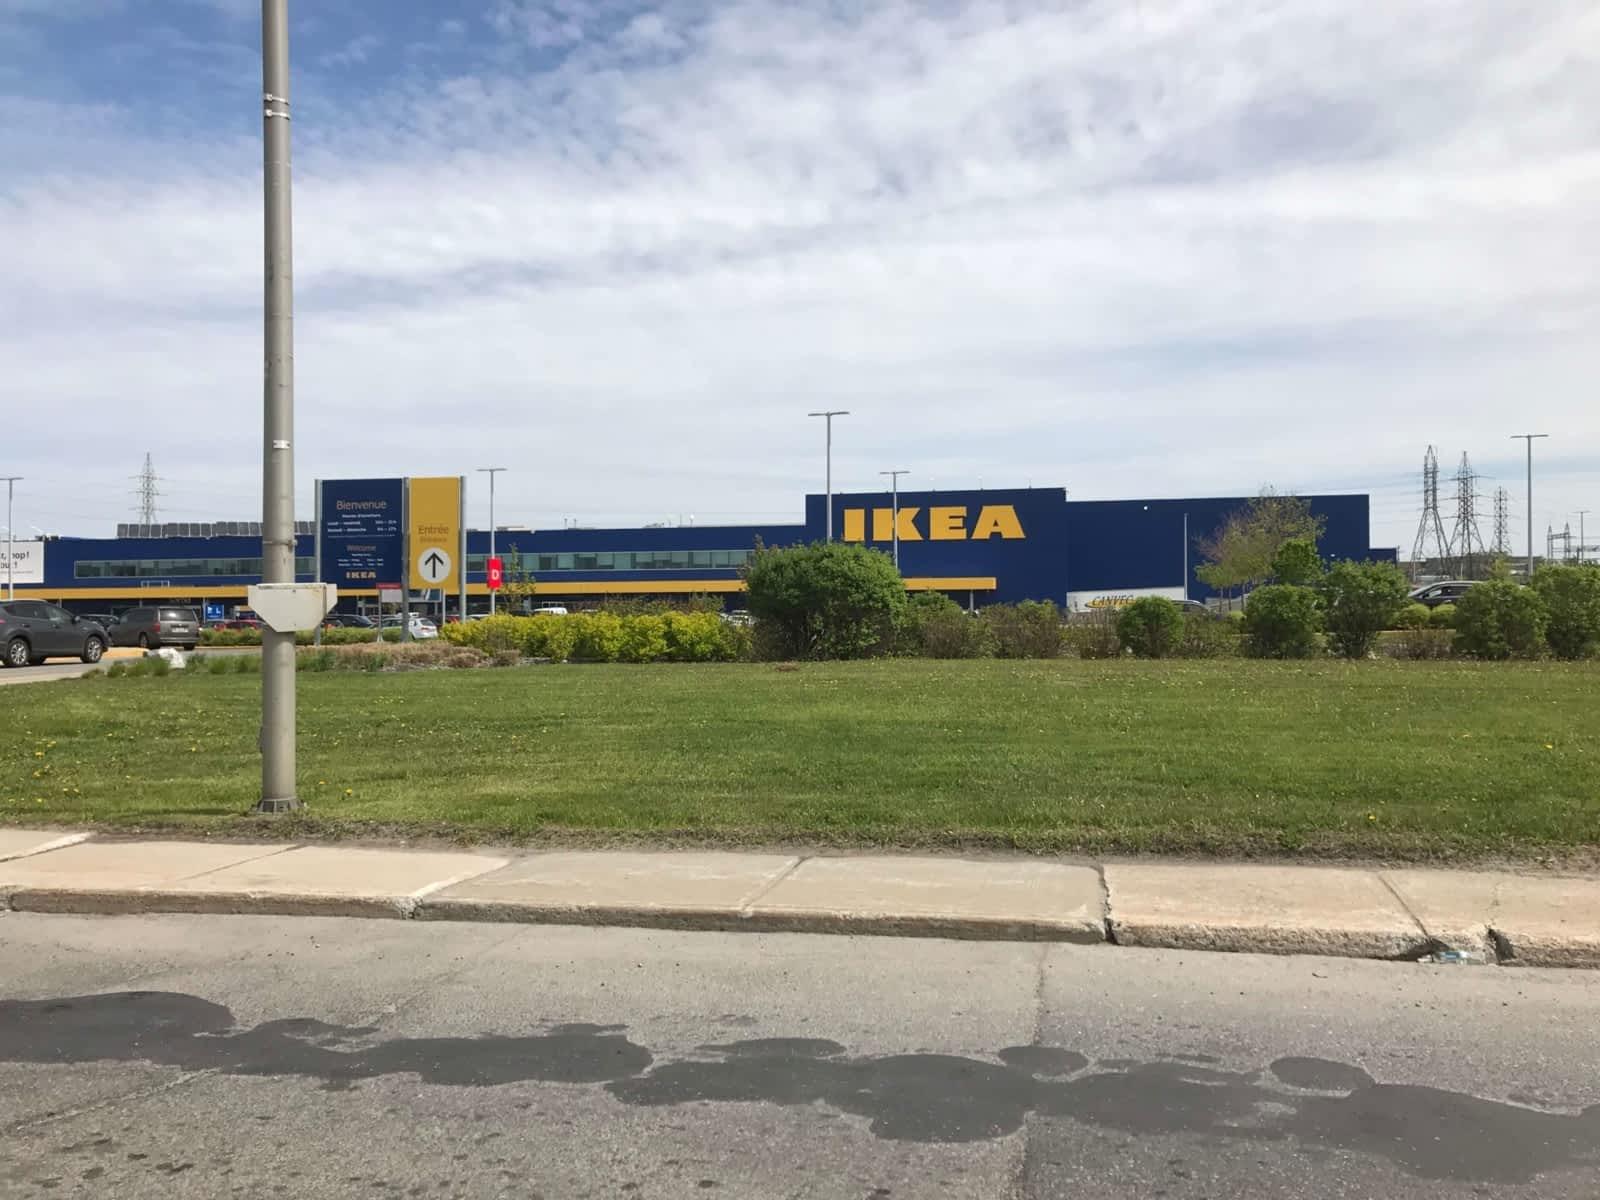 Ikea horaire d 39 ouverture 9191 boul cavendish saint laurent qc - Ikea bordeaux horaires ouverture dimanche ...